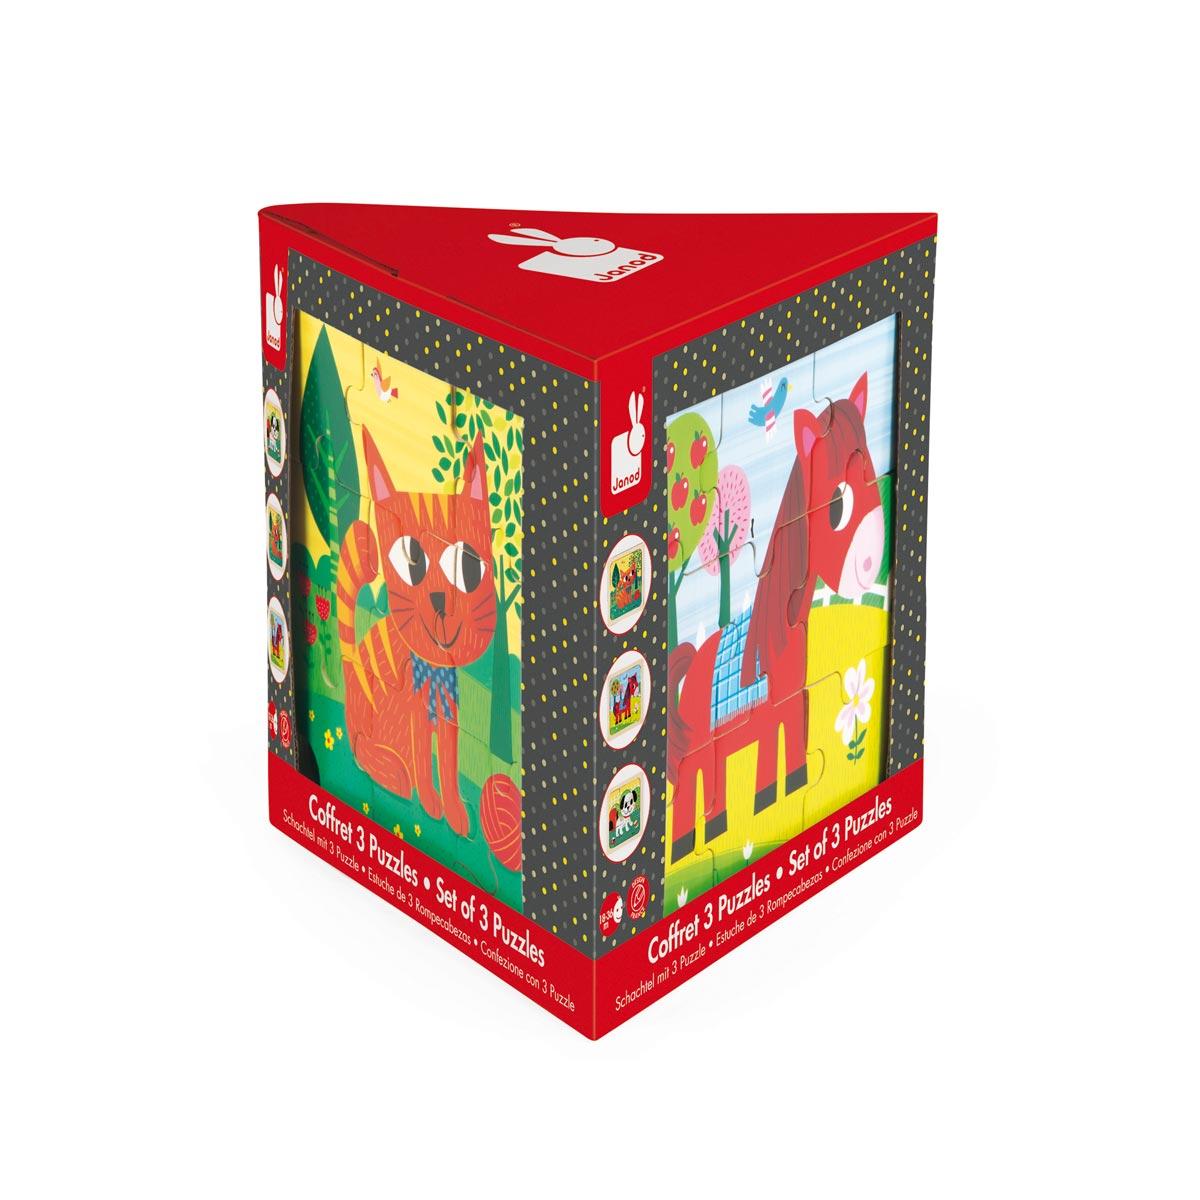 Coffret 3 puzzles 9 pièces